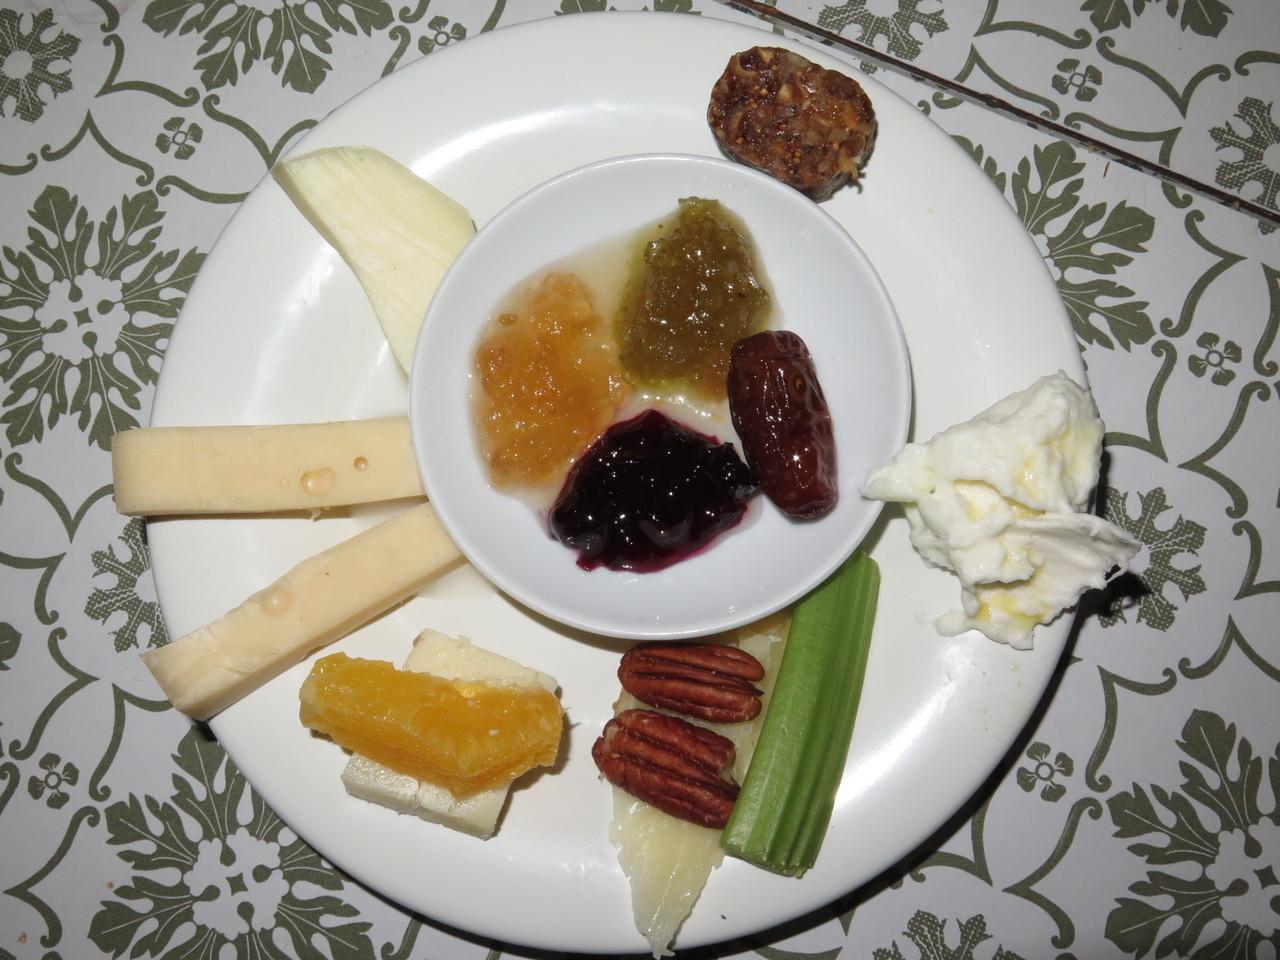 Formaggi e frutta